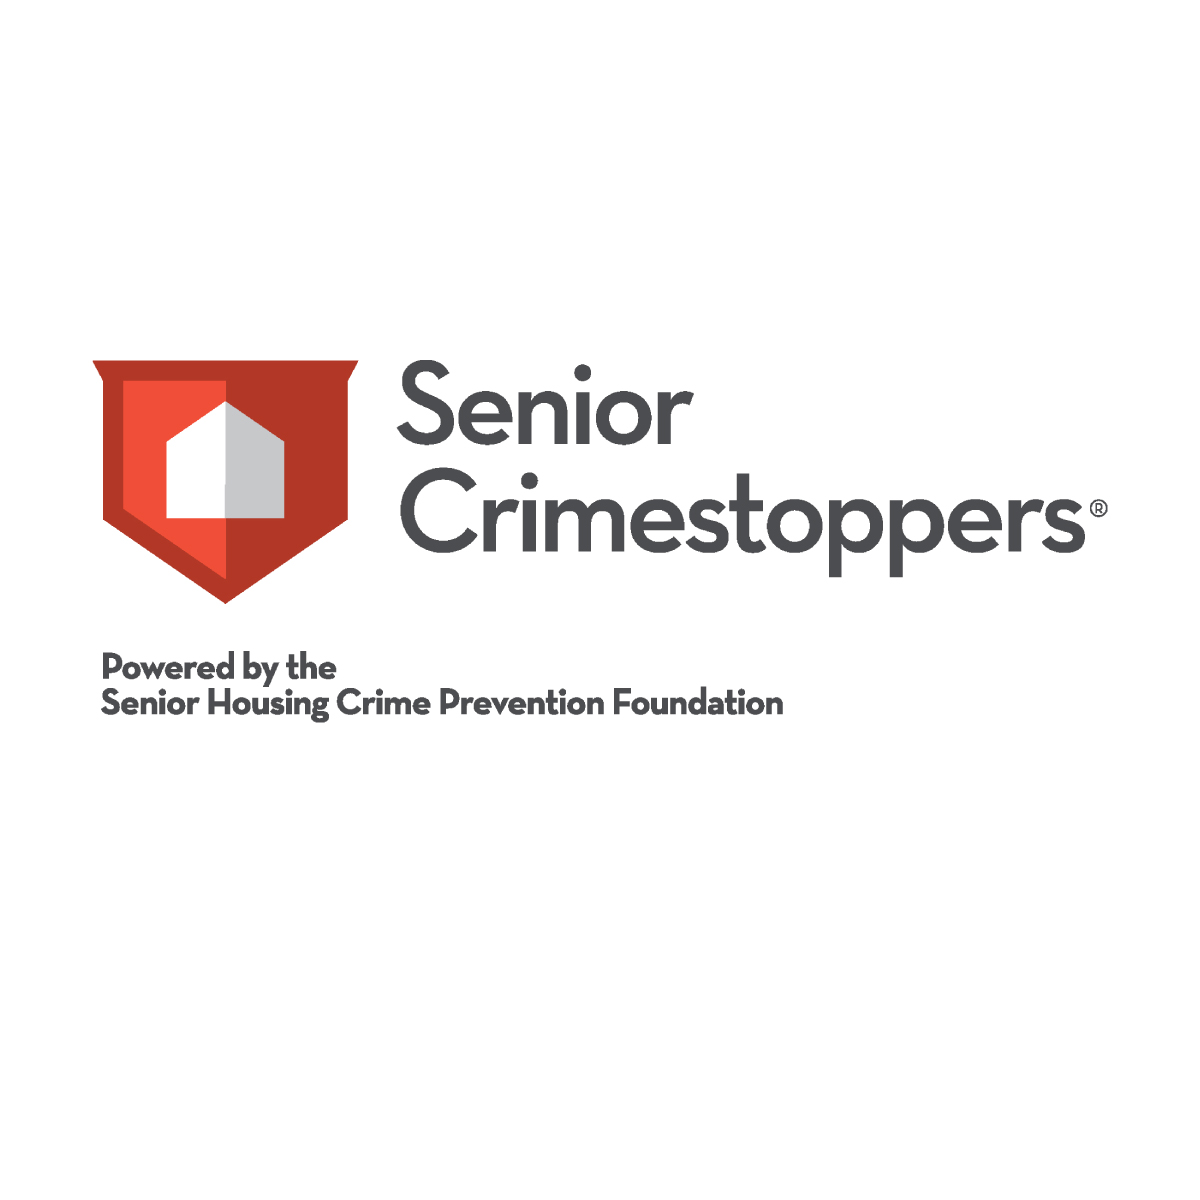 Senior Crimestoppers